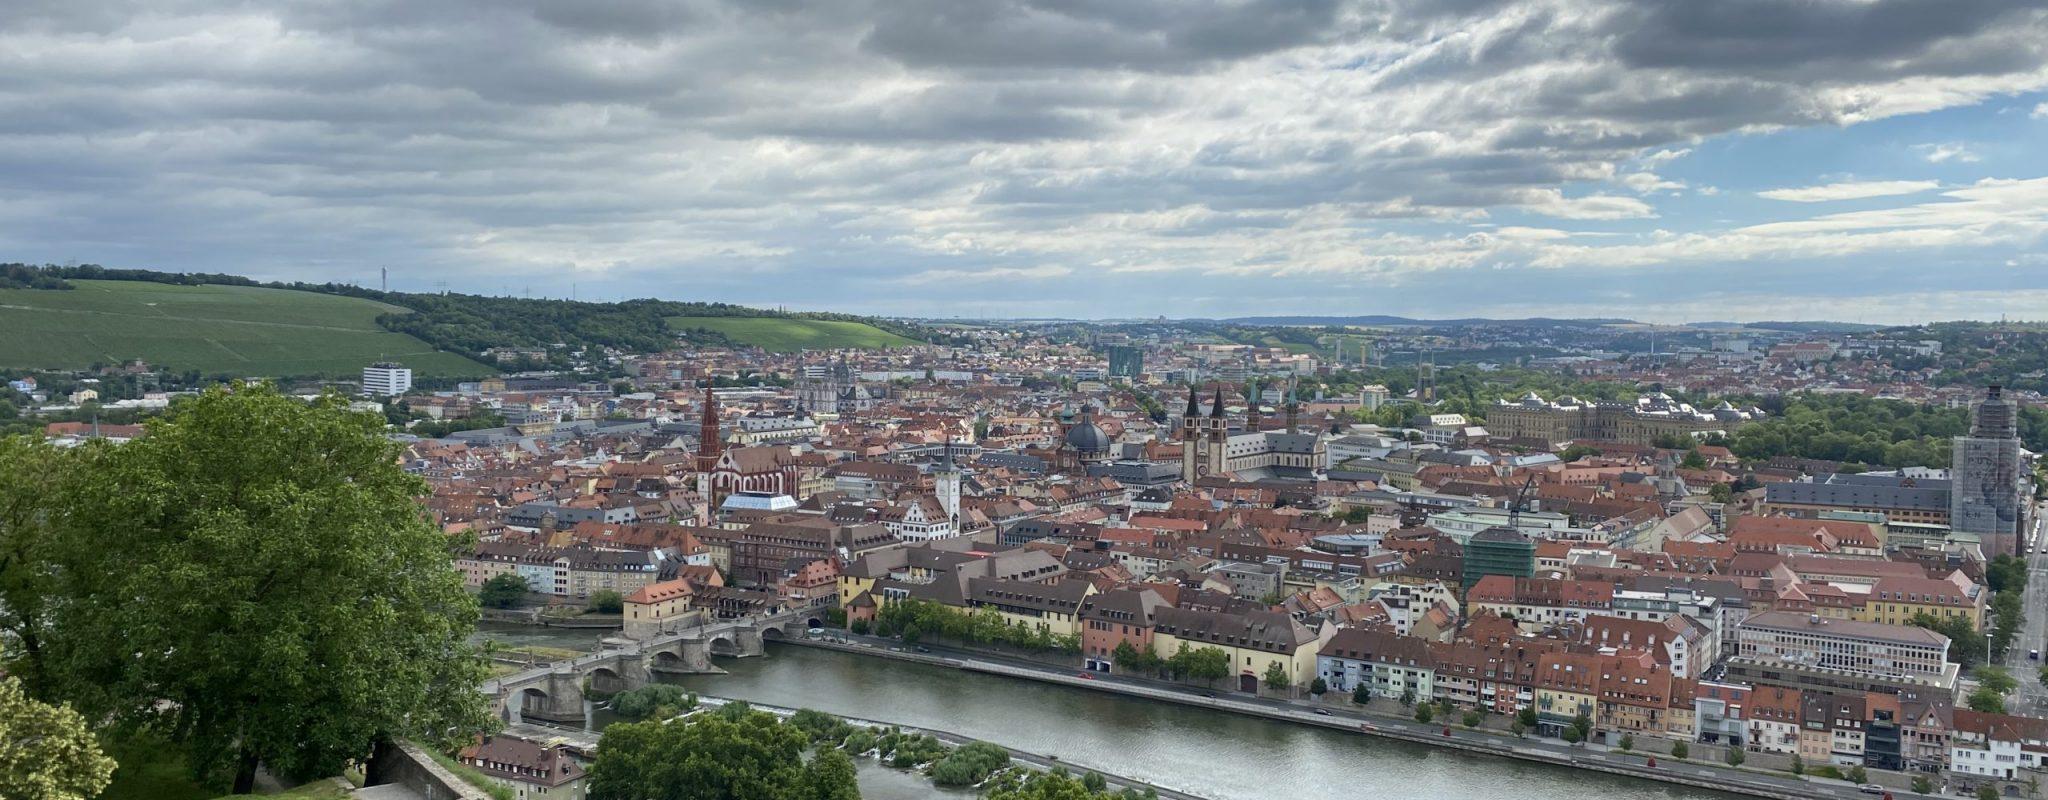 Aussicht vom Festungsberg auf die Stadt Würzburg